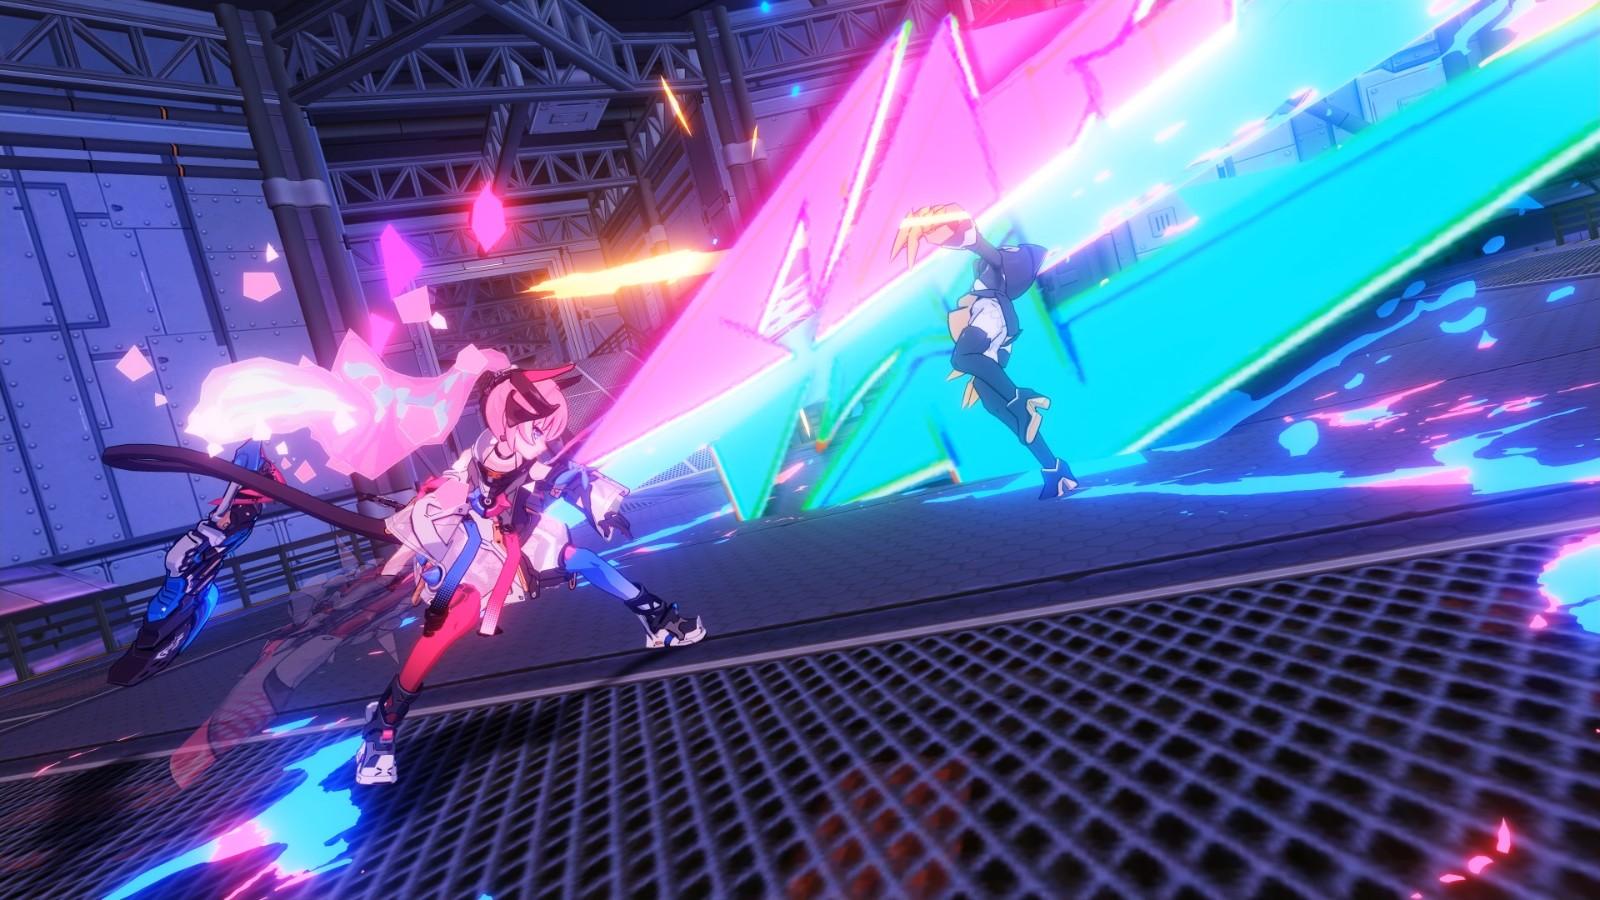 米哈游《崩坏3》已上架Steam平台 11月正式推出